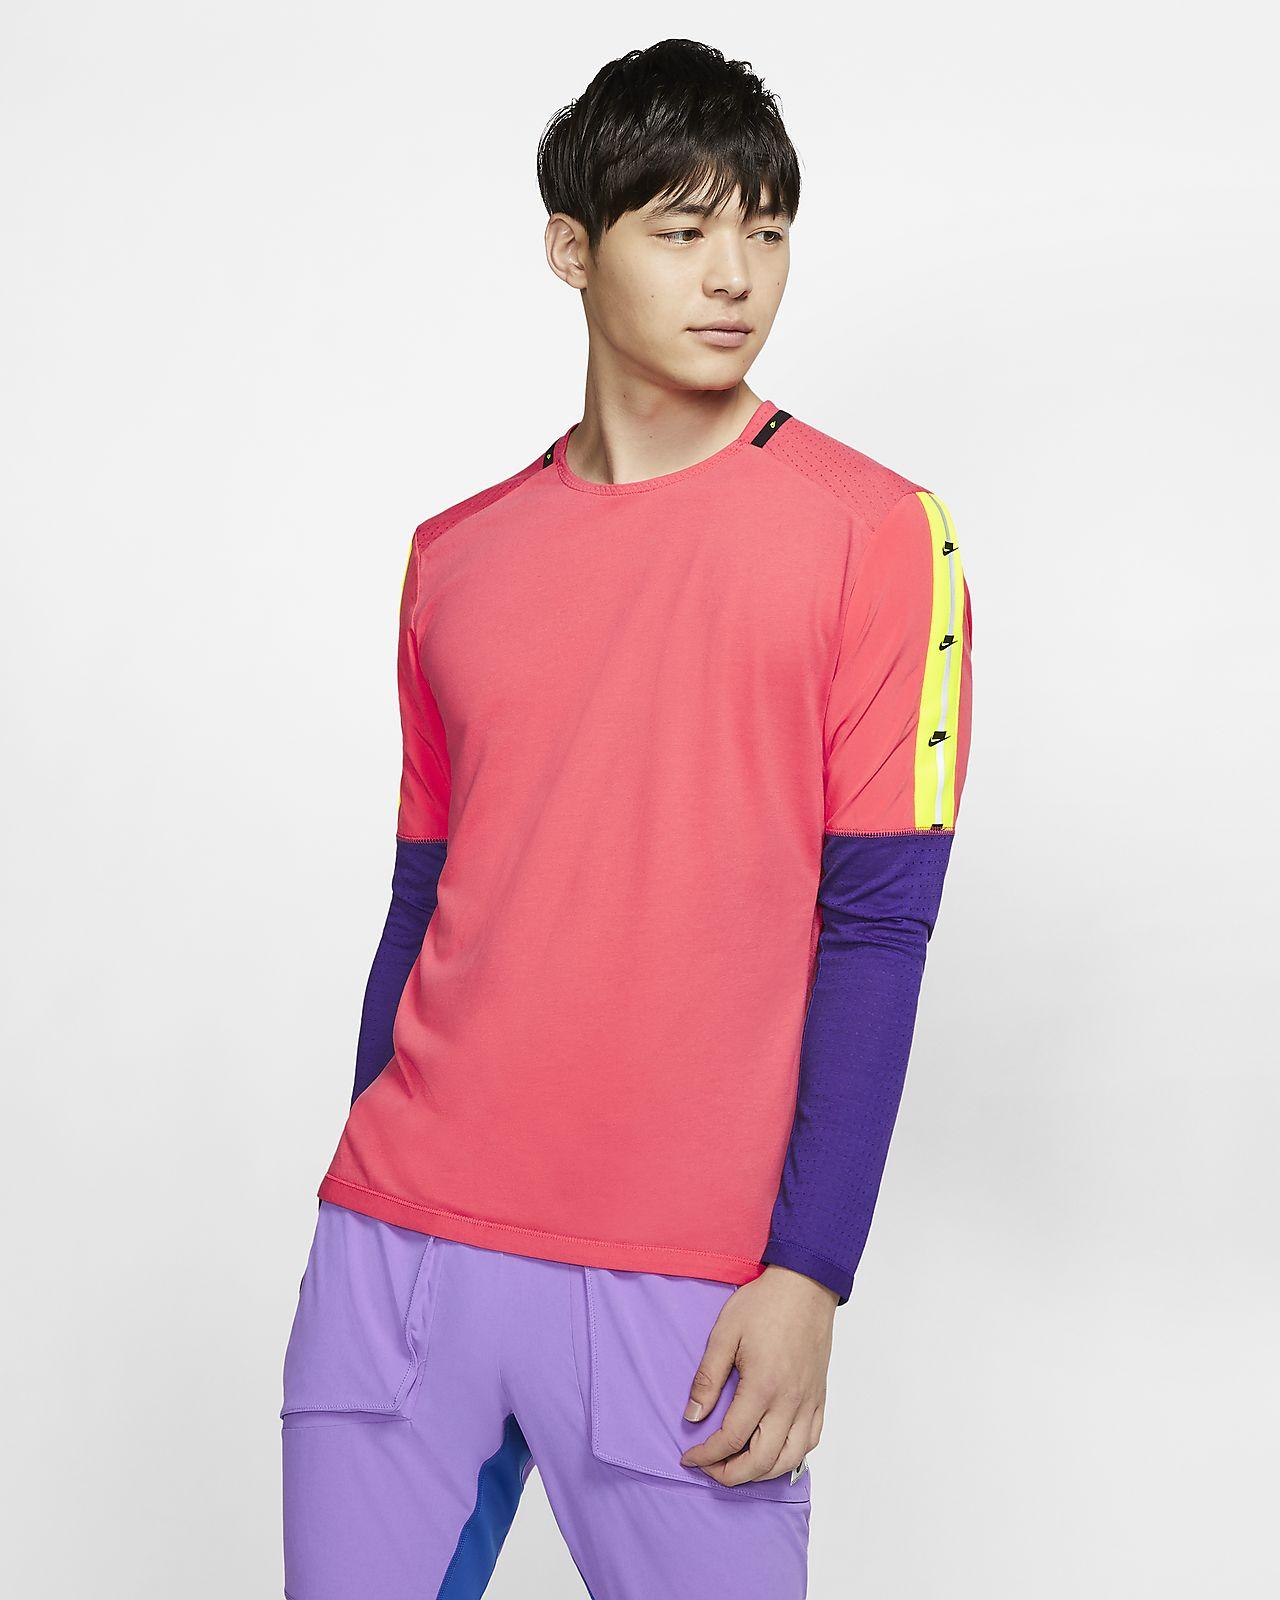 Camisola de running de manga comprida Nike para homem